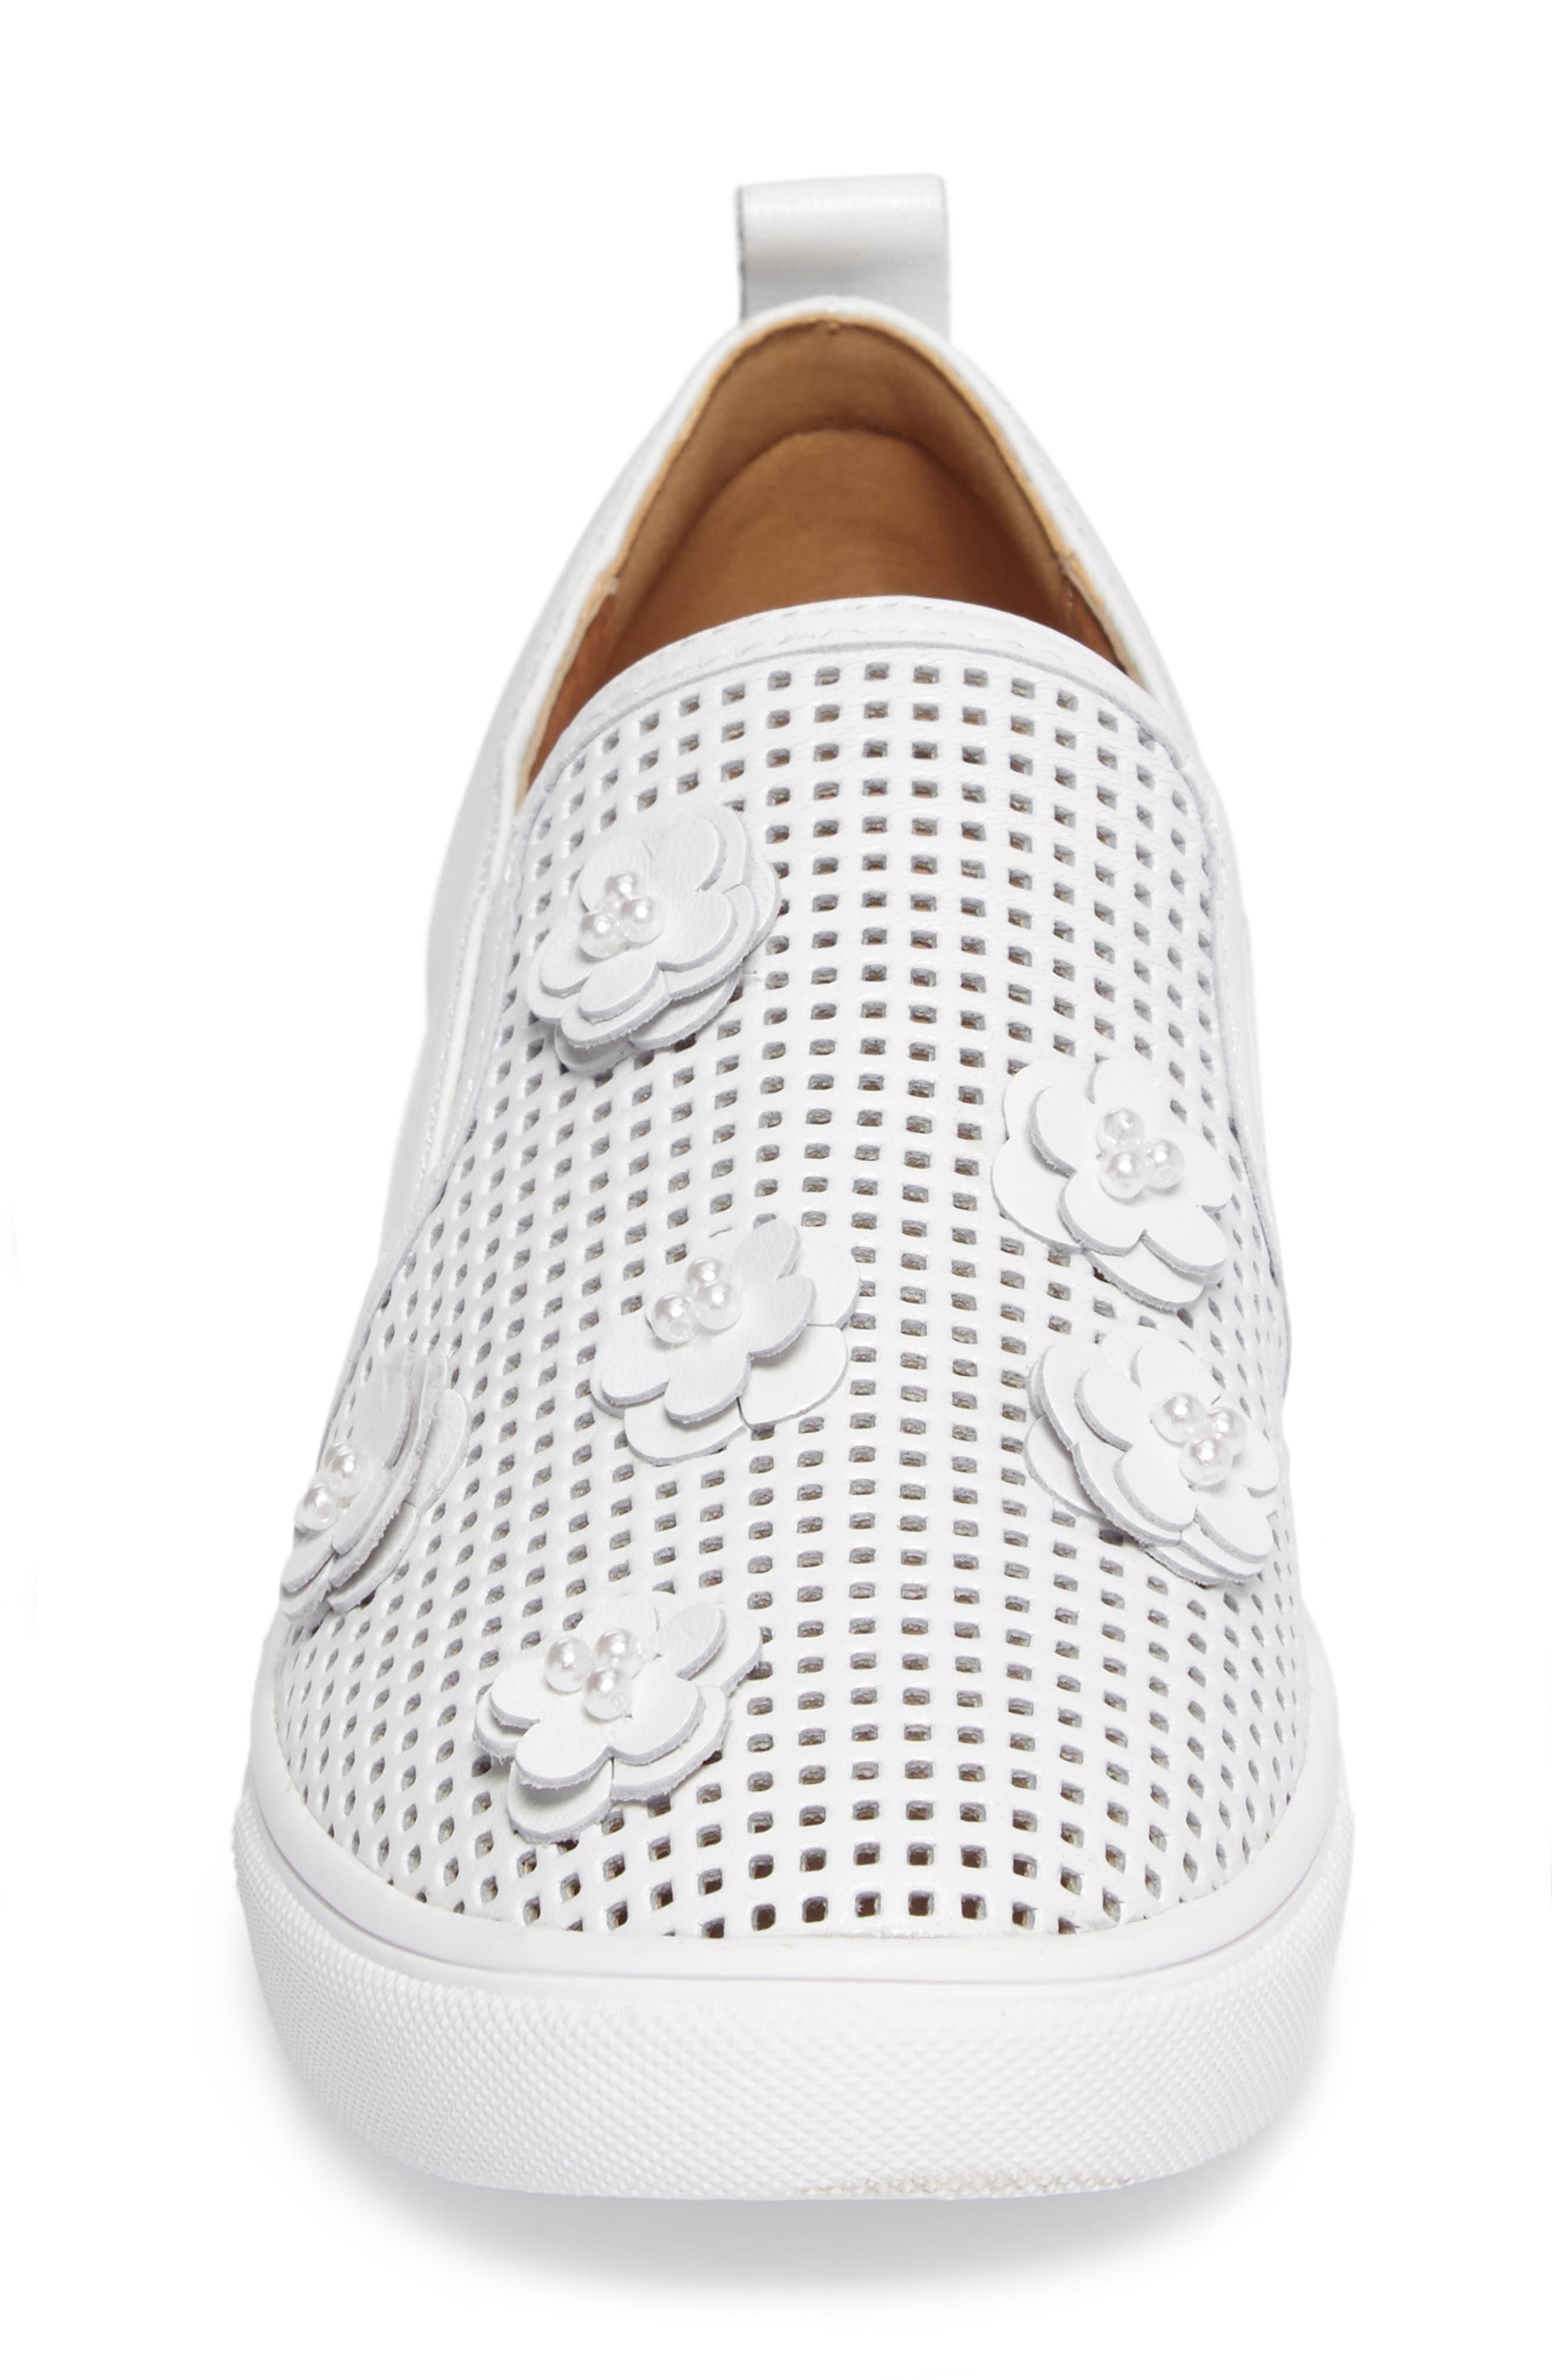 Eden Perforated Slip-On Sneaker,                             Alternate thumbnail 4, color,                             100